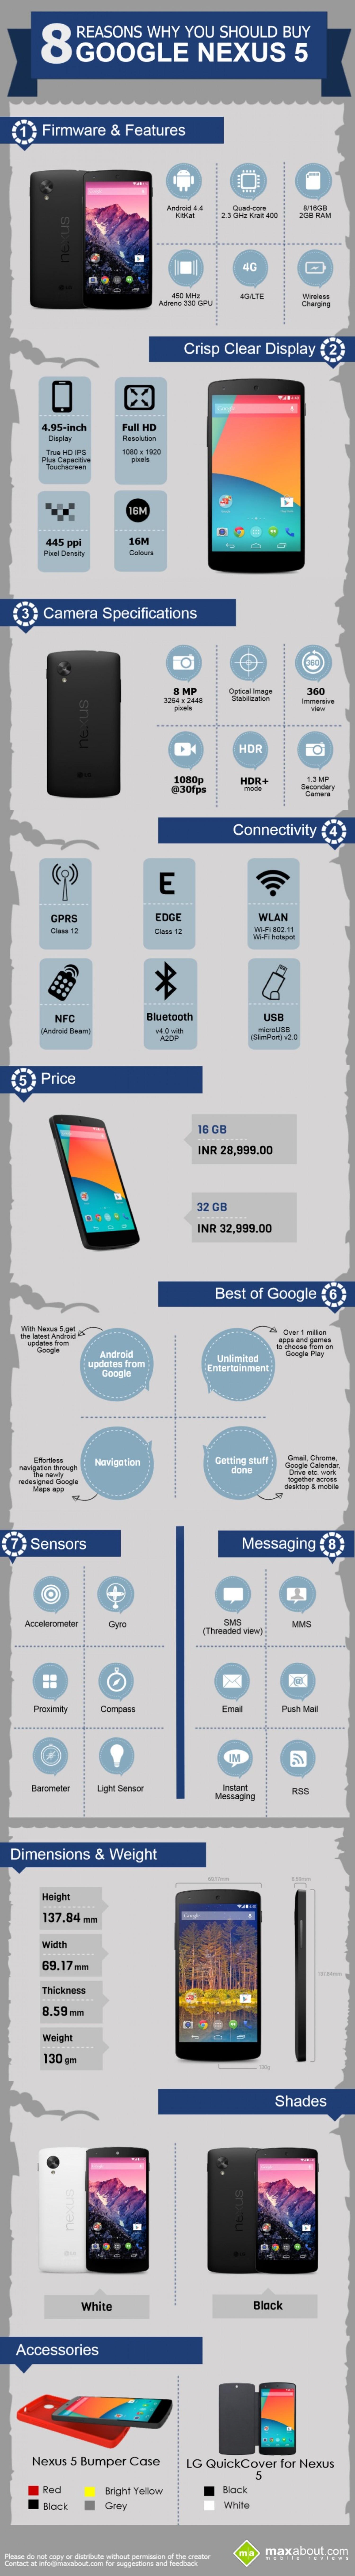 8-reasons-why-you-should-buy-google-nexus-5_5295982e37104_w1500